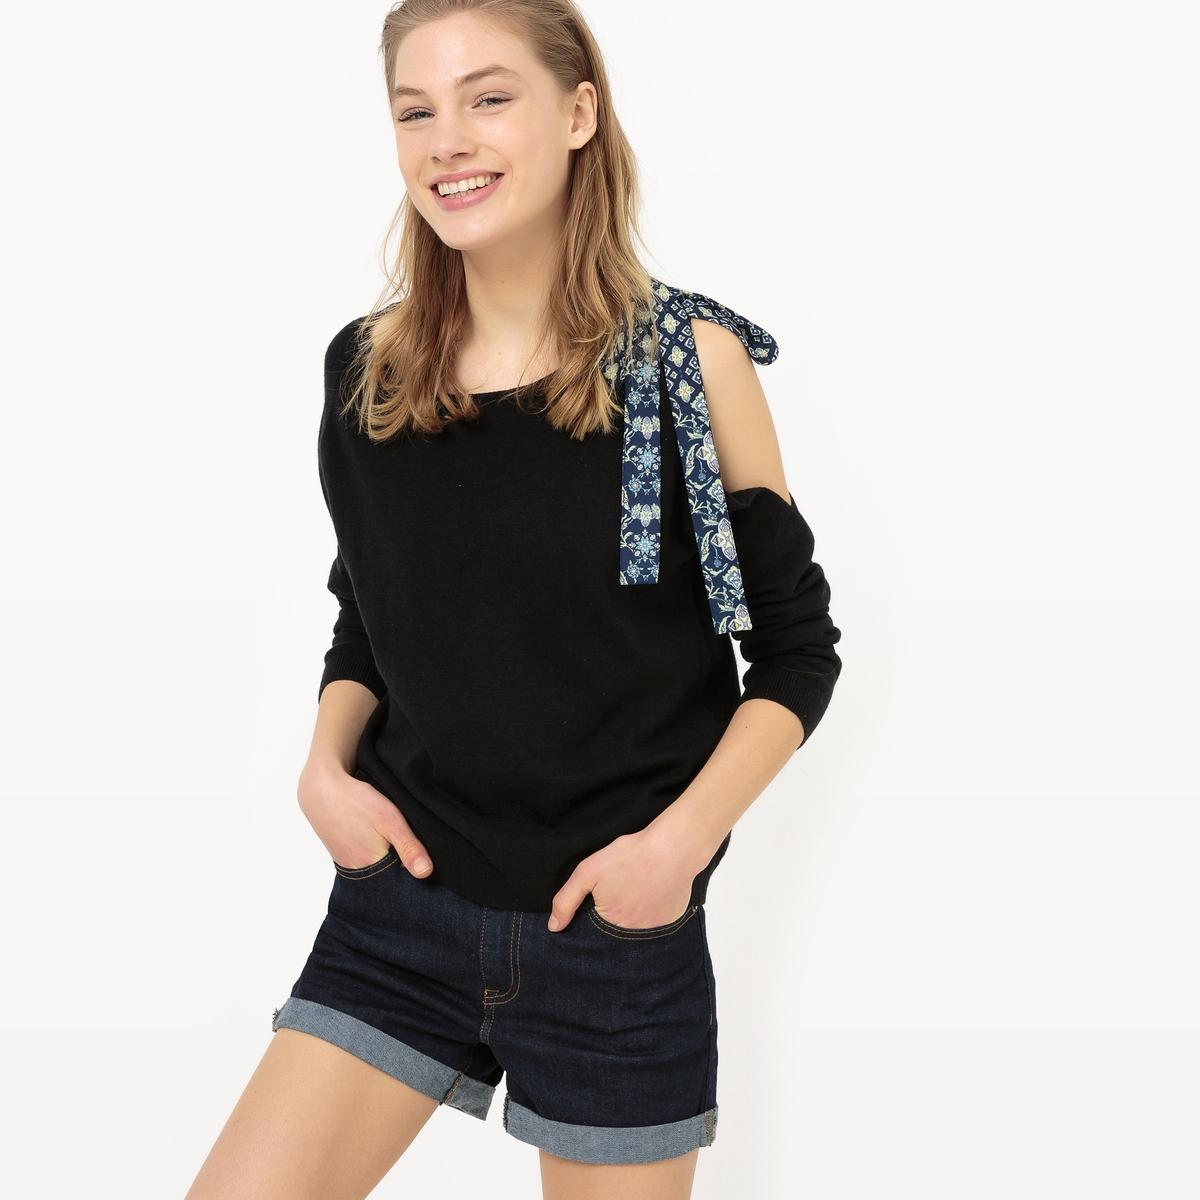 Пуловер с вырезом-лодочкой и застежкой на плечеДетали   •  Пуловер классический •  Длинные рукава •  Круглый вырез •  Плотный трикотаж Состав и уход   •  23% вискозы, 7% шерсти, 70% полиамида •  Следуйте рекомендациям по уходу, указанным на этикетке изделия<br><br>Цвет: темно-синий,черный